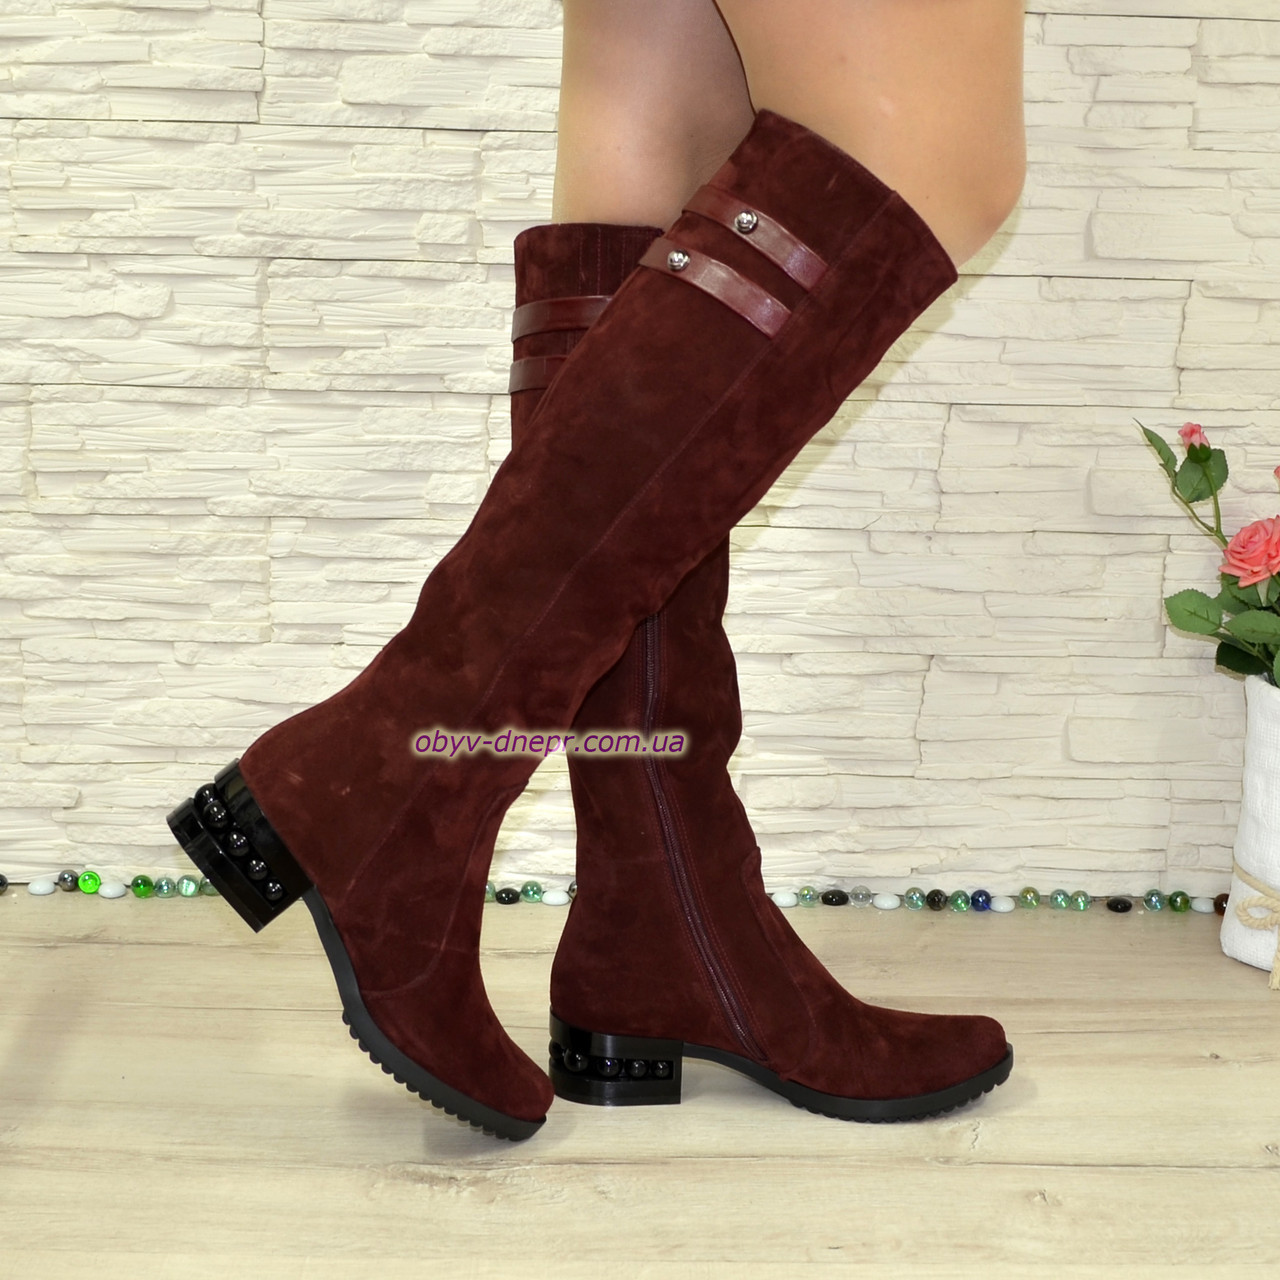 Ботфорты женские замшевые зимние на невысоком декорированном каблуке